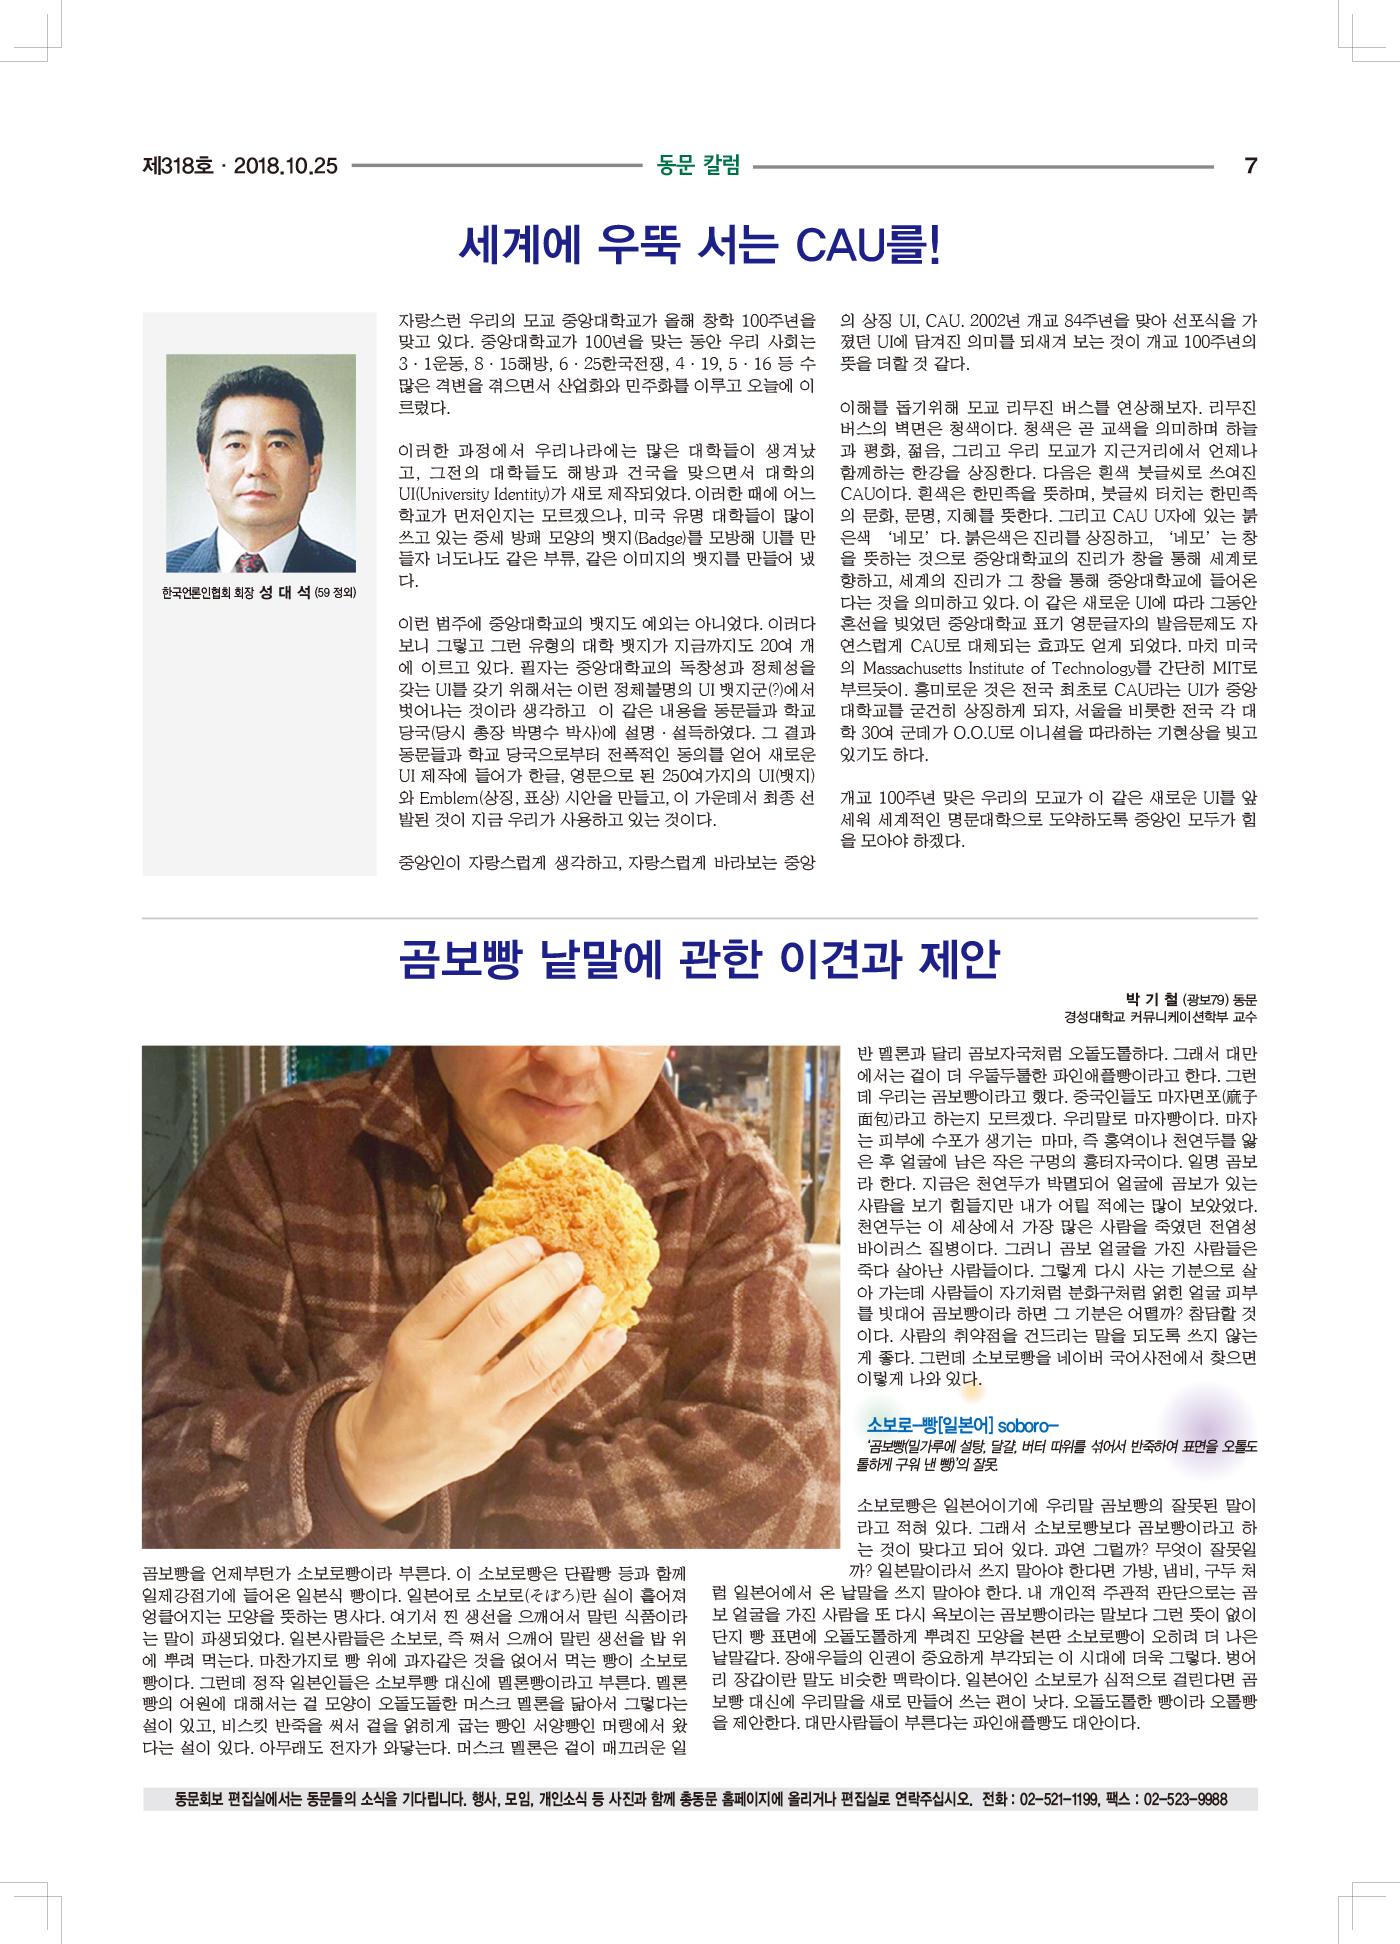 중앙대학교동문318호회보-7.jpg